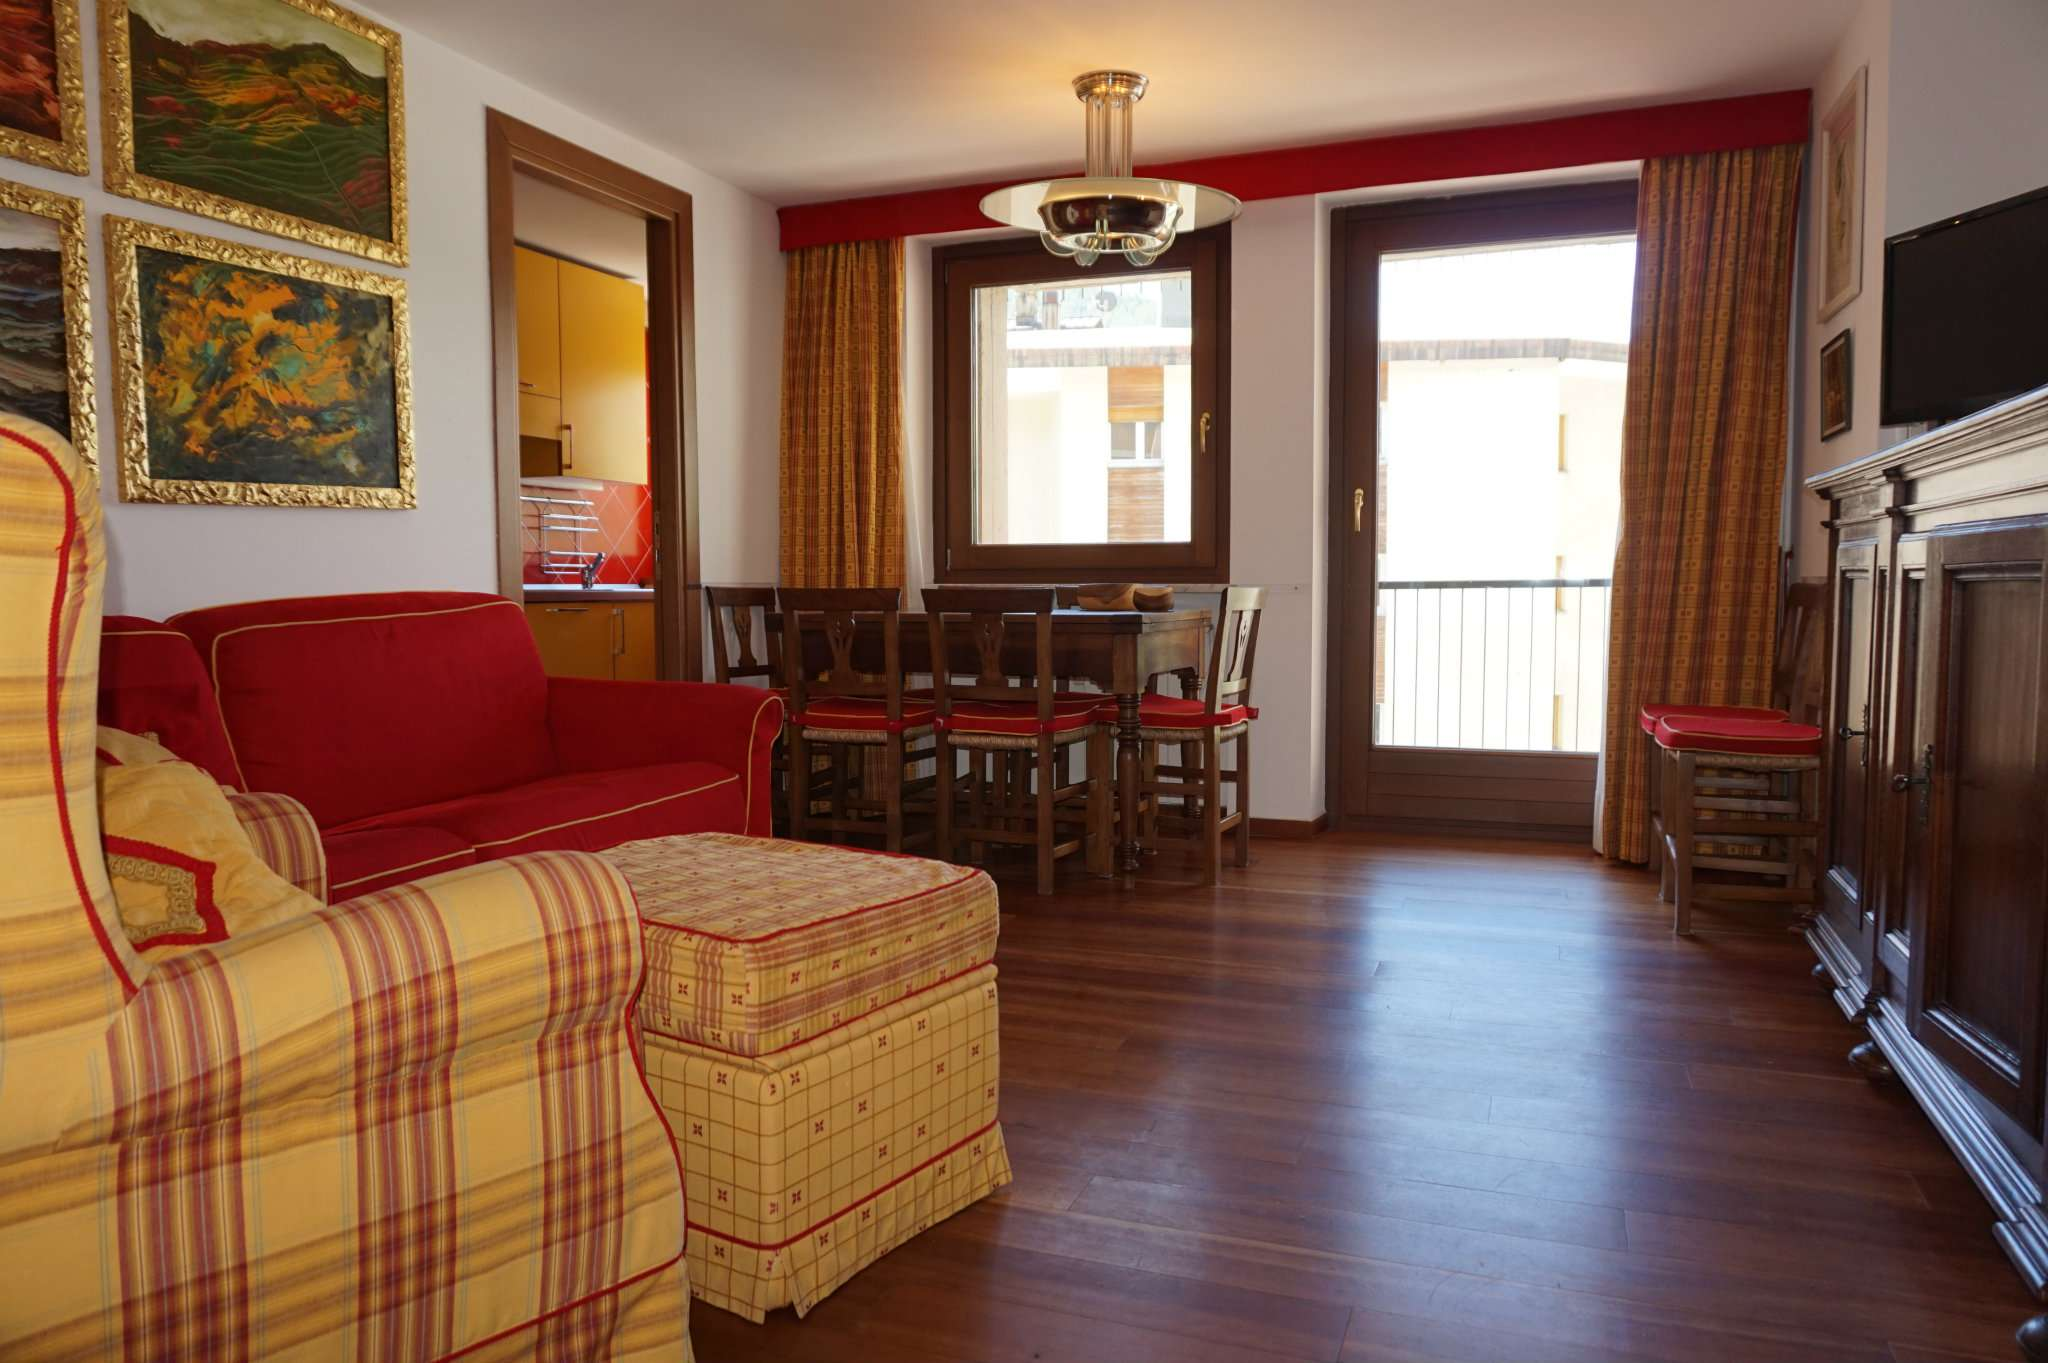 Appartamento in vendita a Valtournenche, 4 locali, prezzo € 650.000 | CambioCasa.it